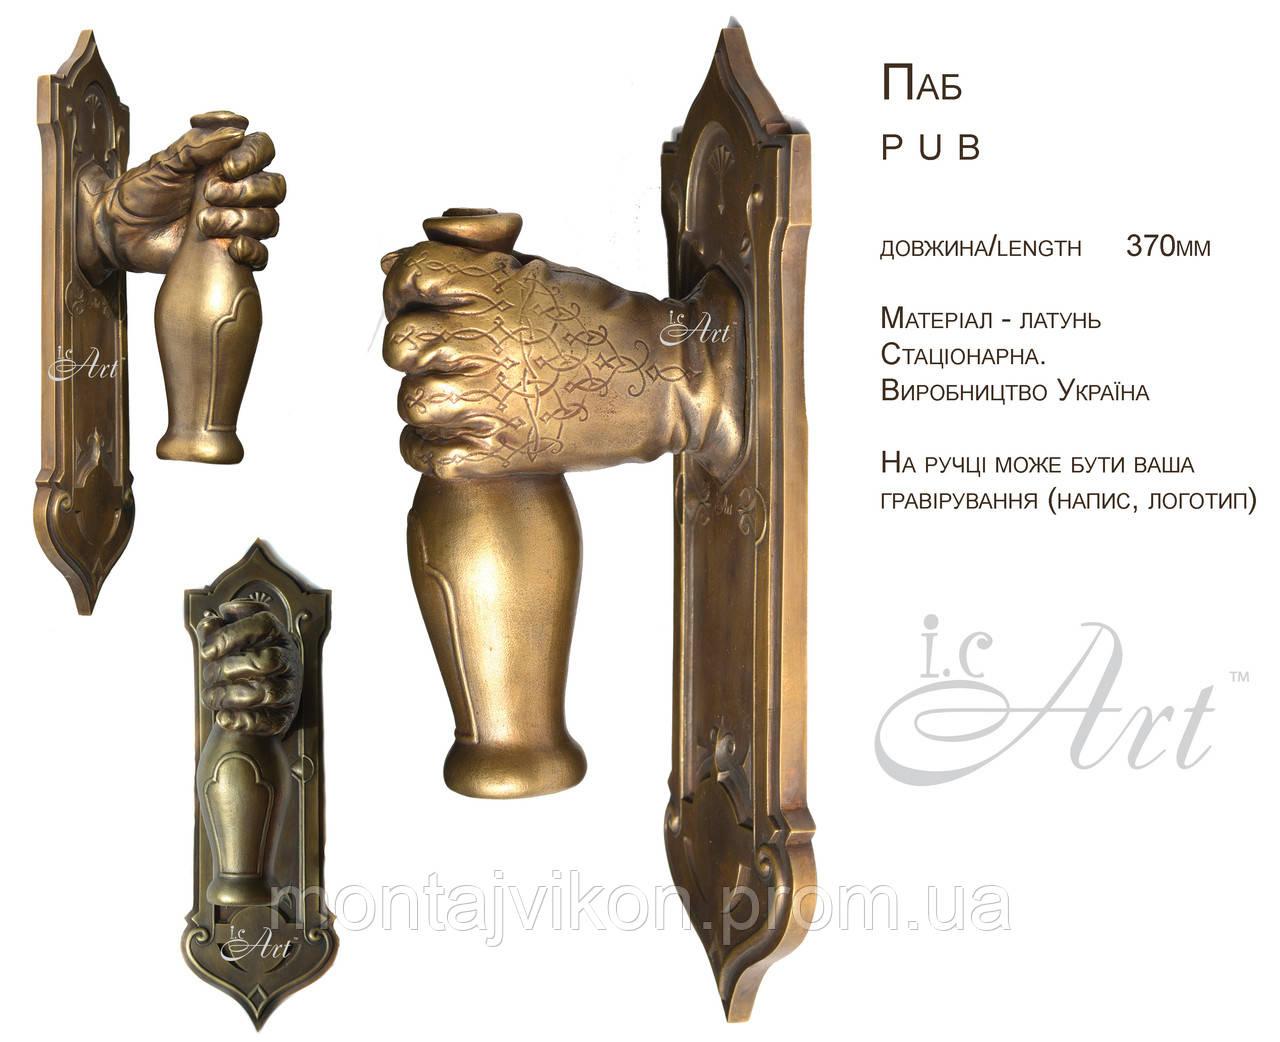 Латунная дверная ручка Паб - фото 2